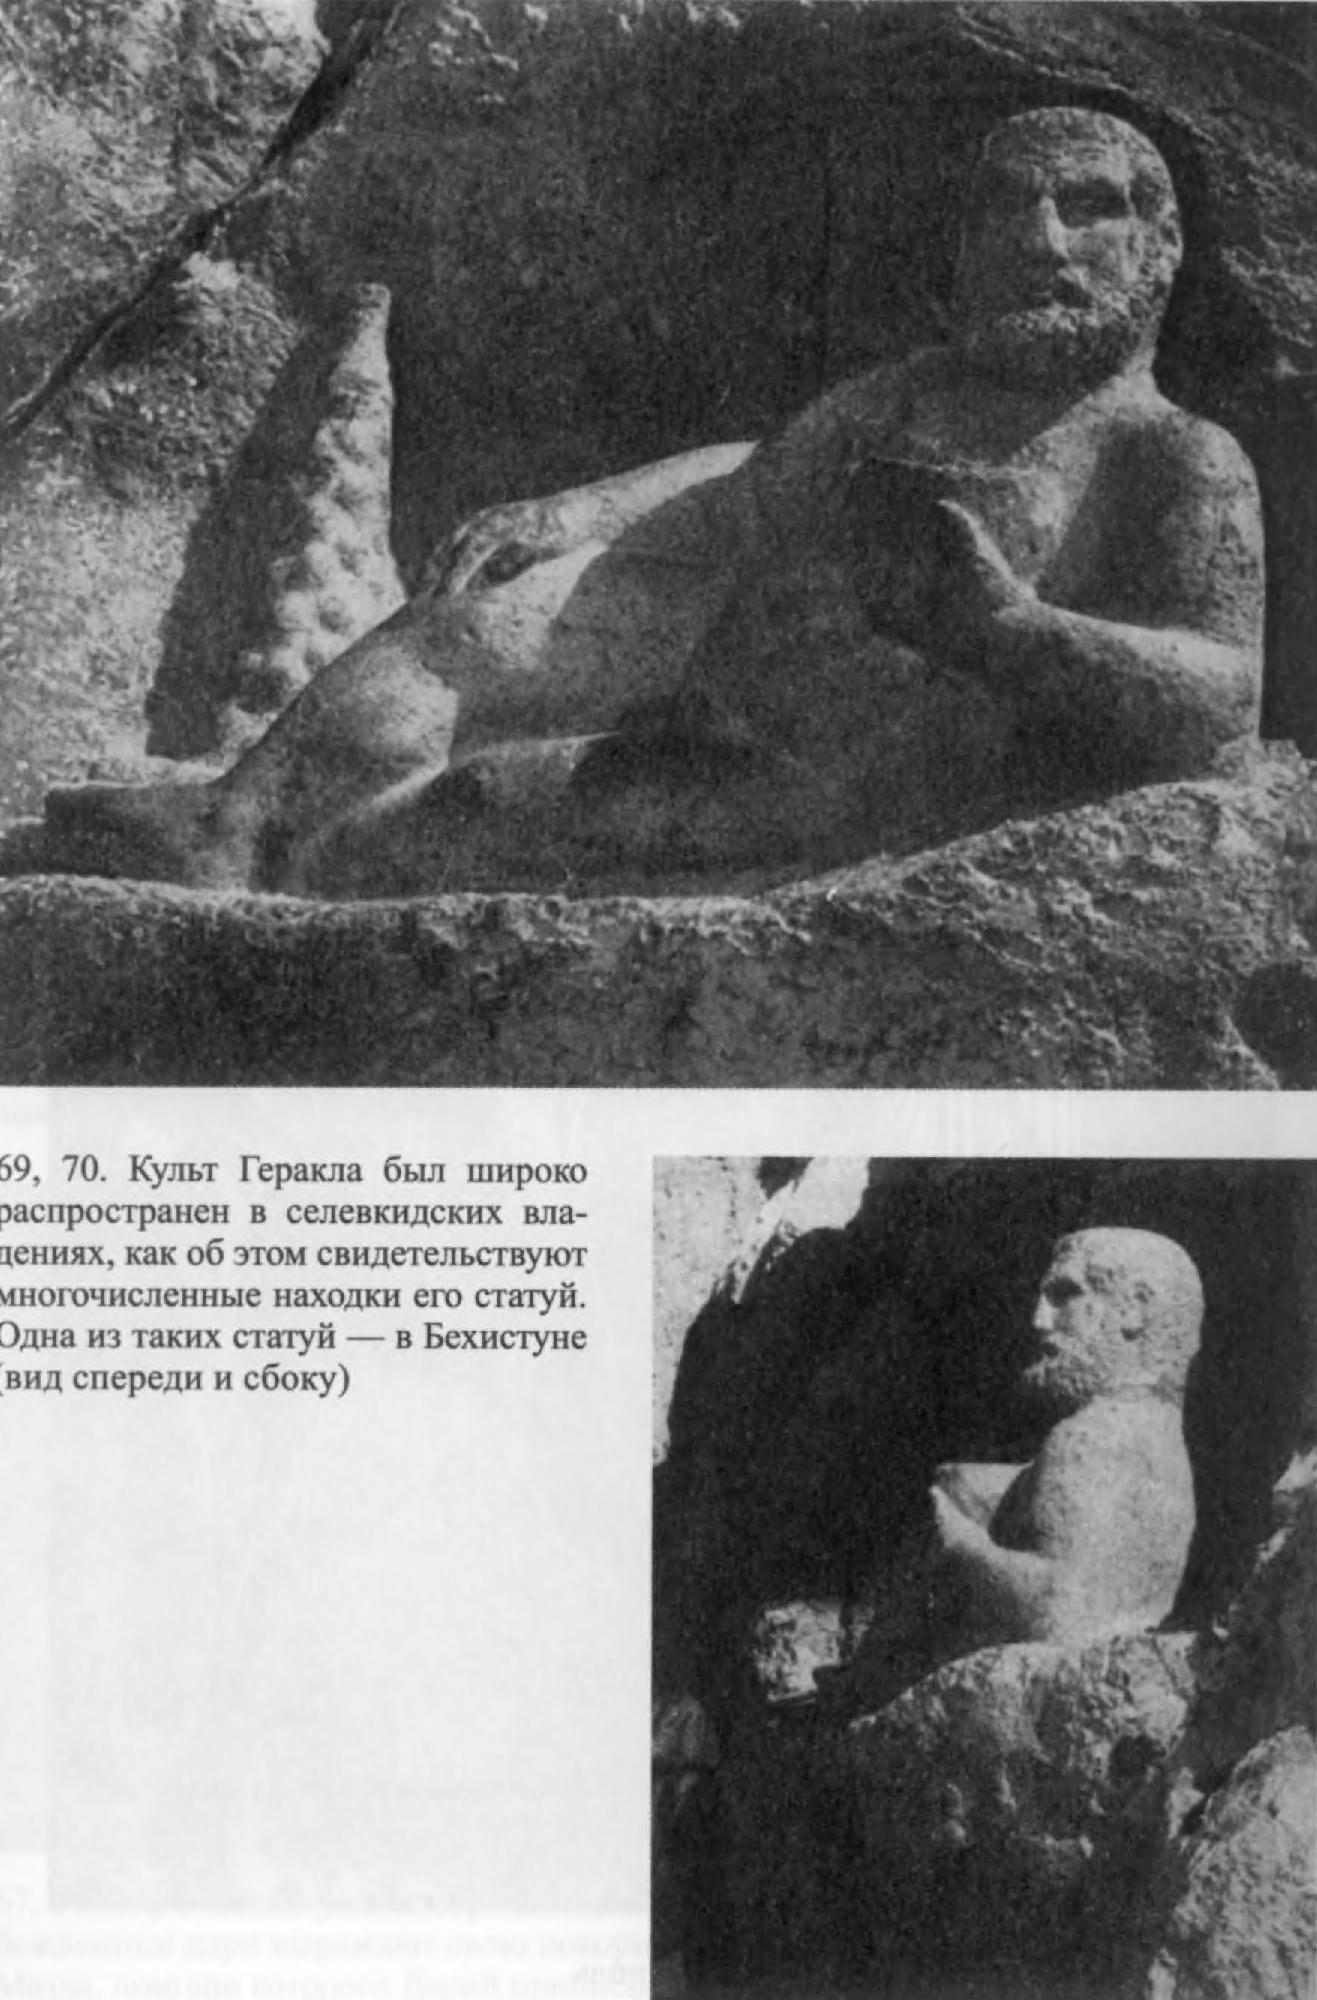 69, 70. Культ Геракла был широко распространен в селевкидских вла- дениях, как об этом свидетельствуют многочисленные находки его статуй. Одна из таких статуй — в Бехистуне (вид спереди и сбоку)